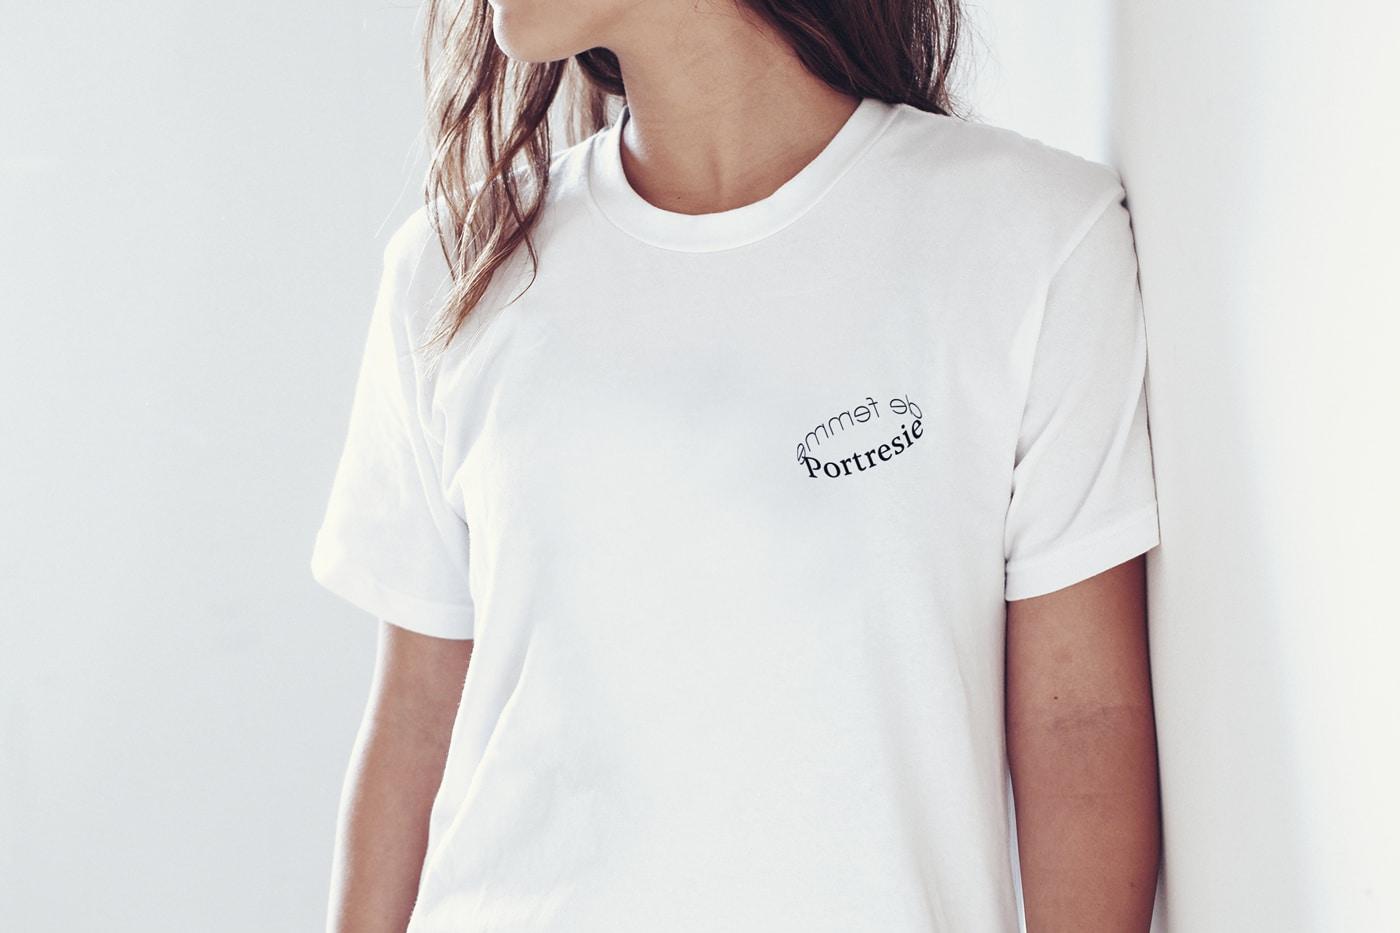 T-Shirt Design für Portresie de femme